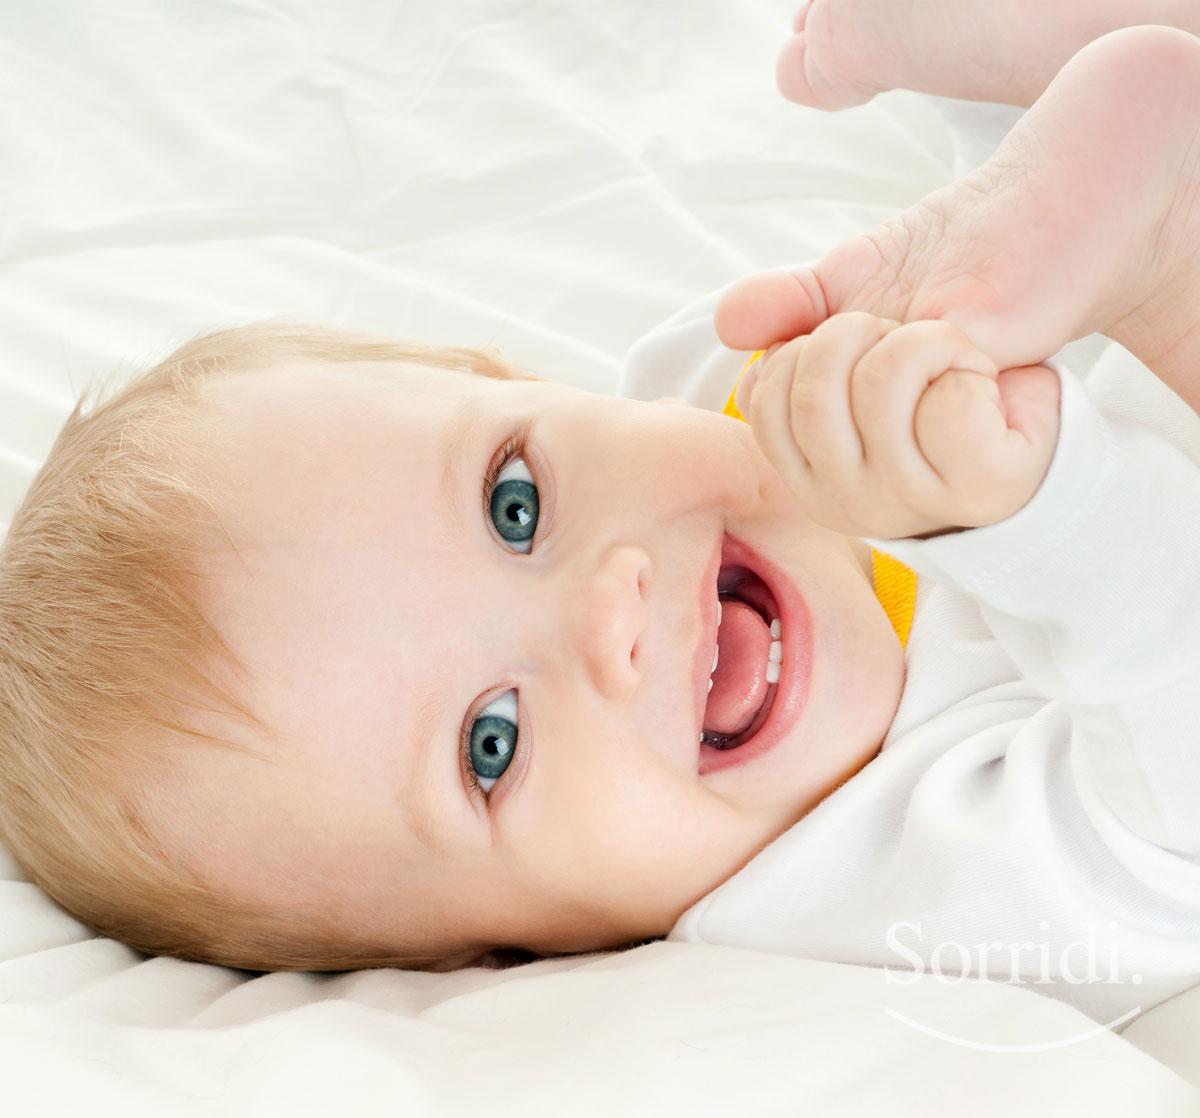 Sorridi-ch-magazine-dentizione-del-neonato-in-ritardo